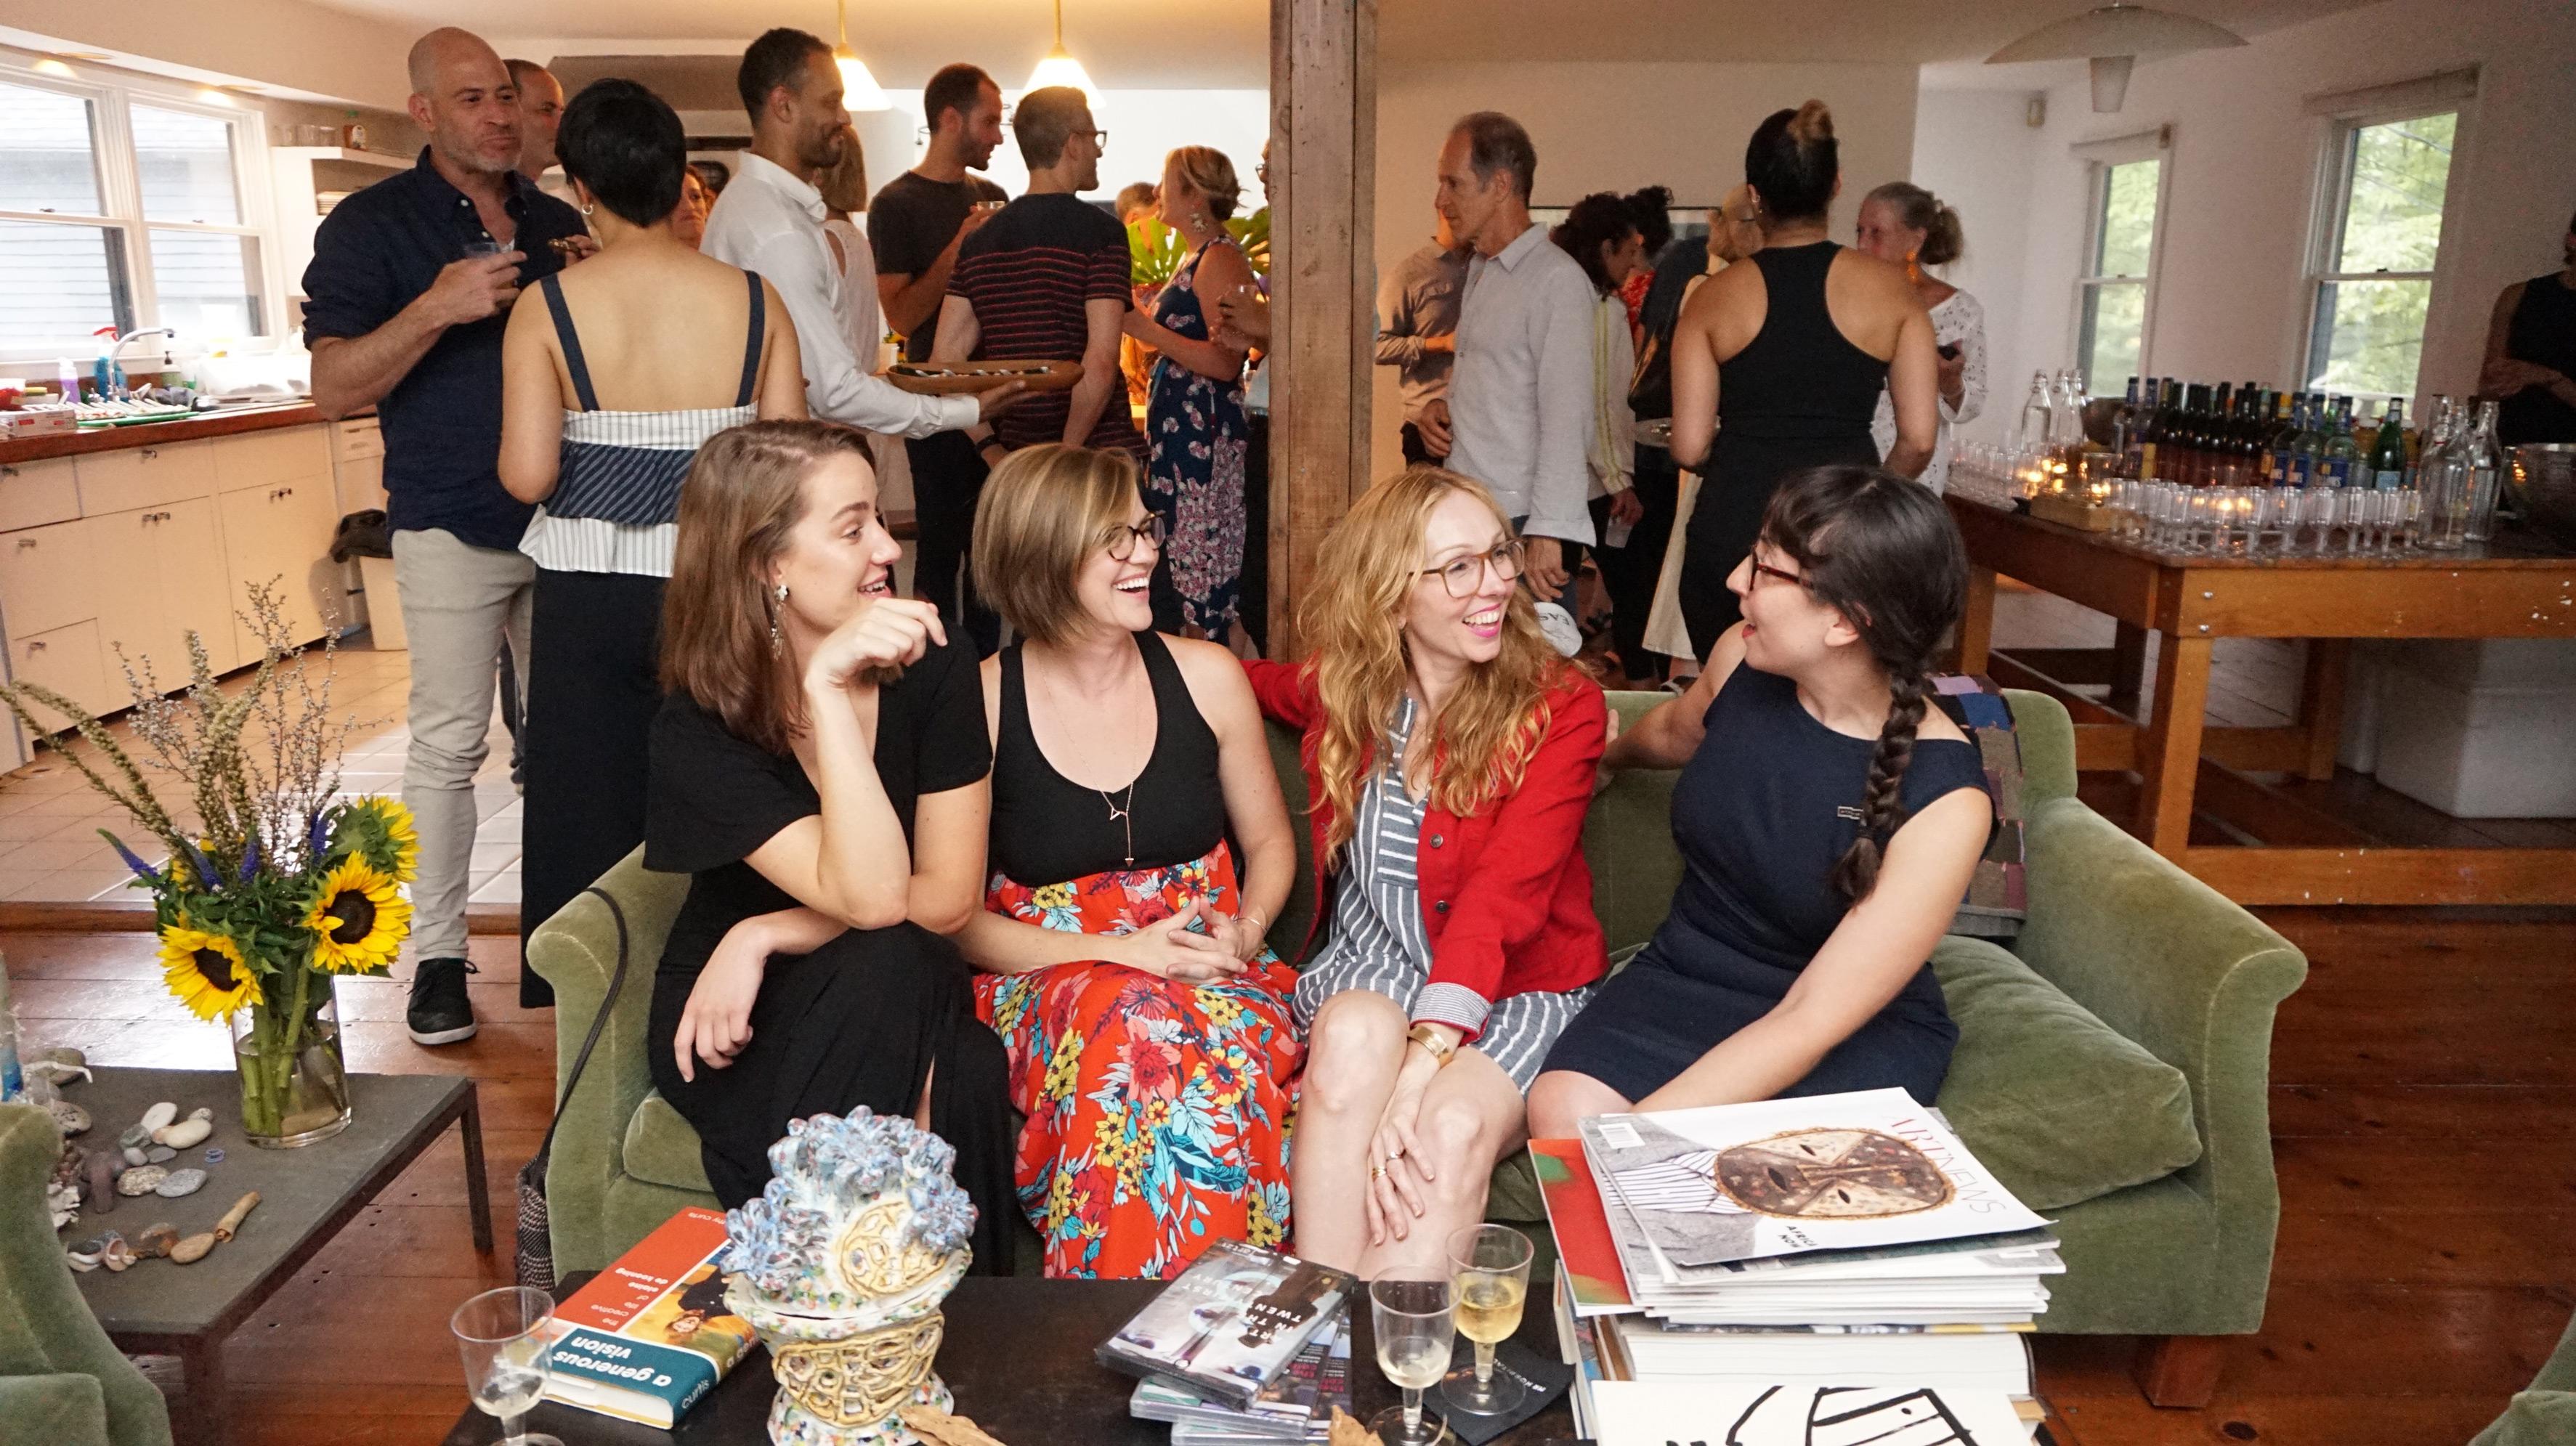 Leta-Mumgaard,-Casey-Dalene,-Andrea-Grover-and-Tina-Kukielski-(2)(by-Katherine-McMahon)